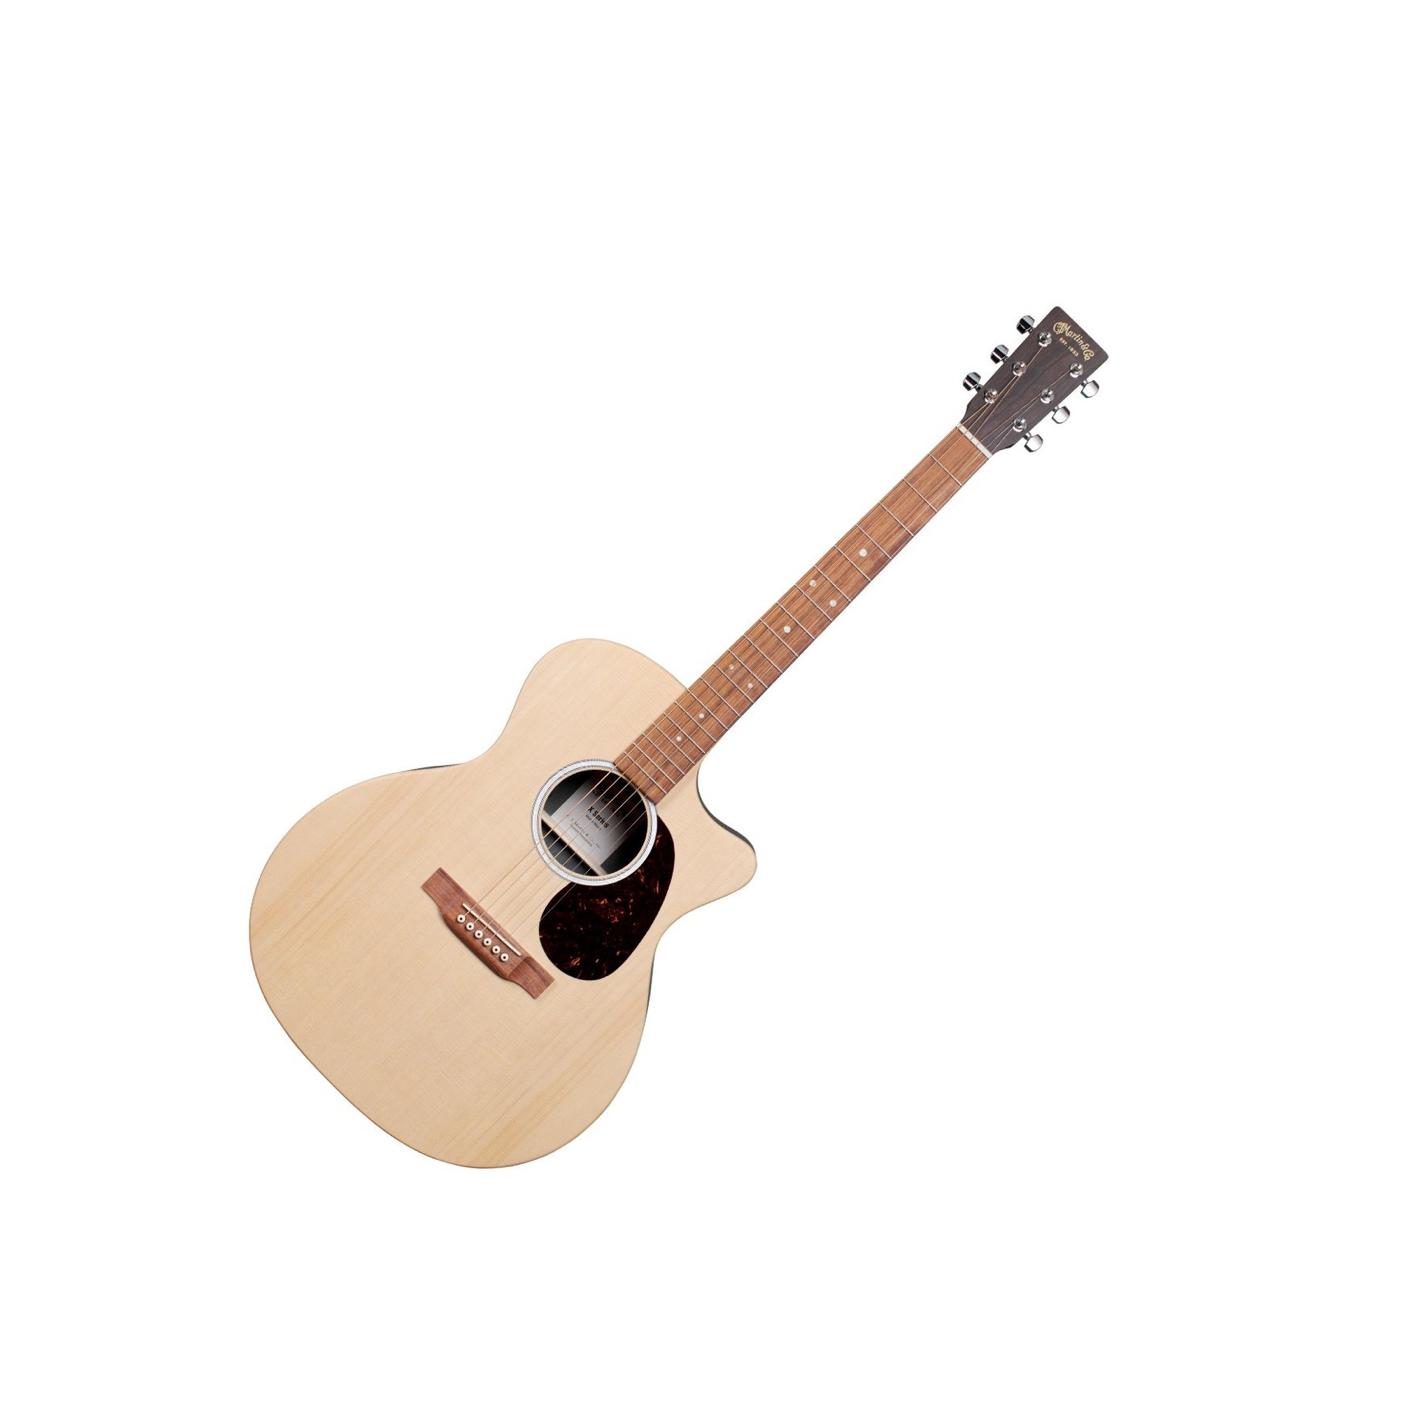 Martin GPCX2E Electro Acoustic Guitar w/ Deluxe Gig Bag